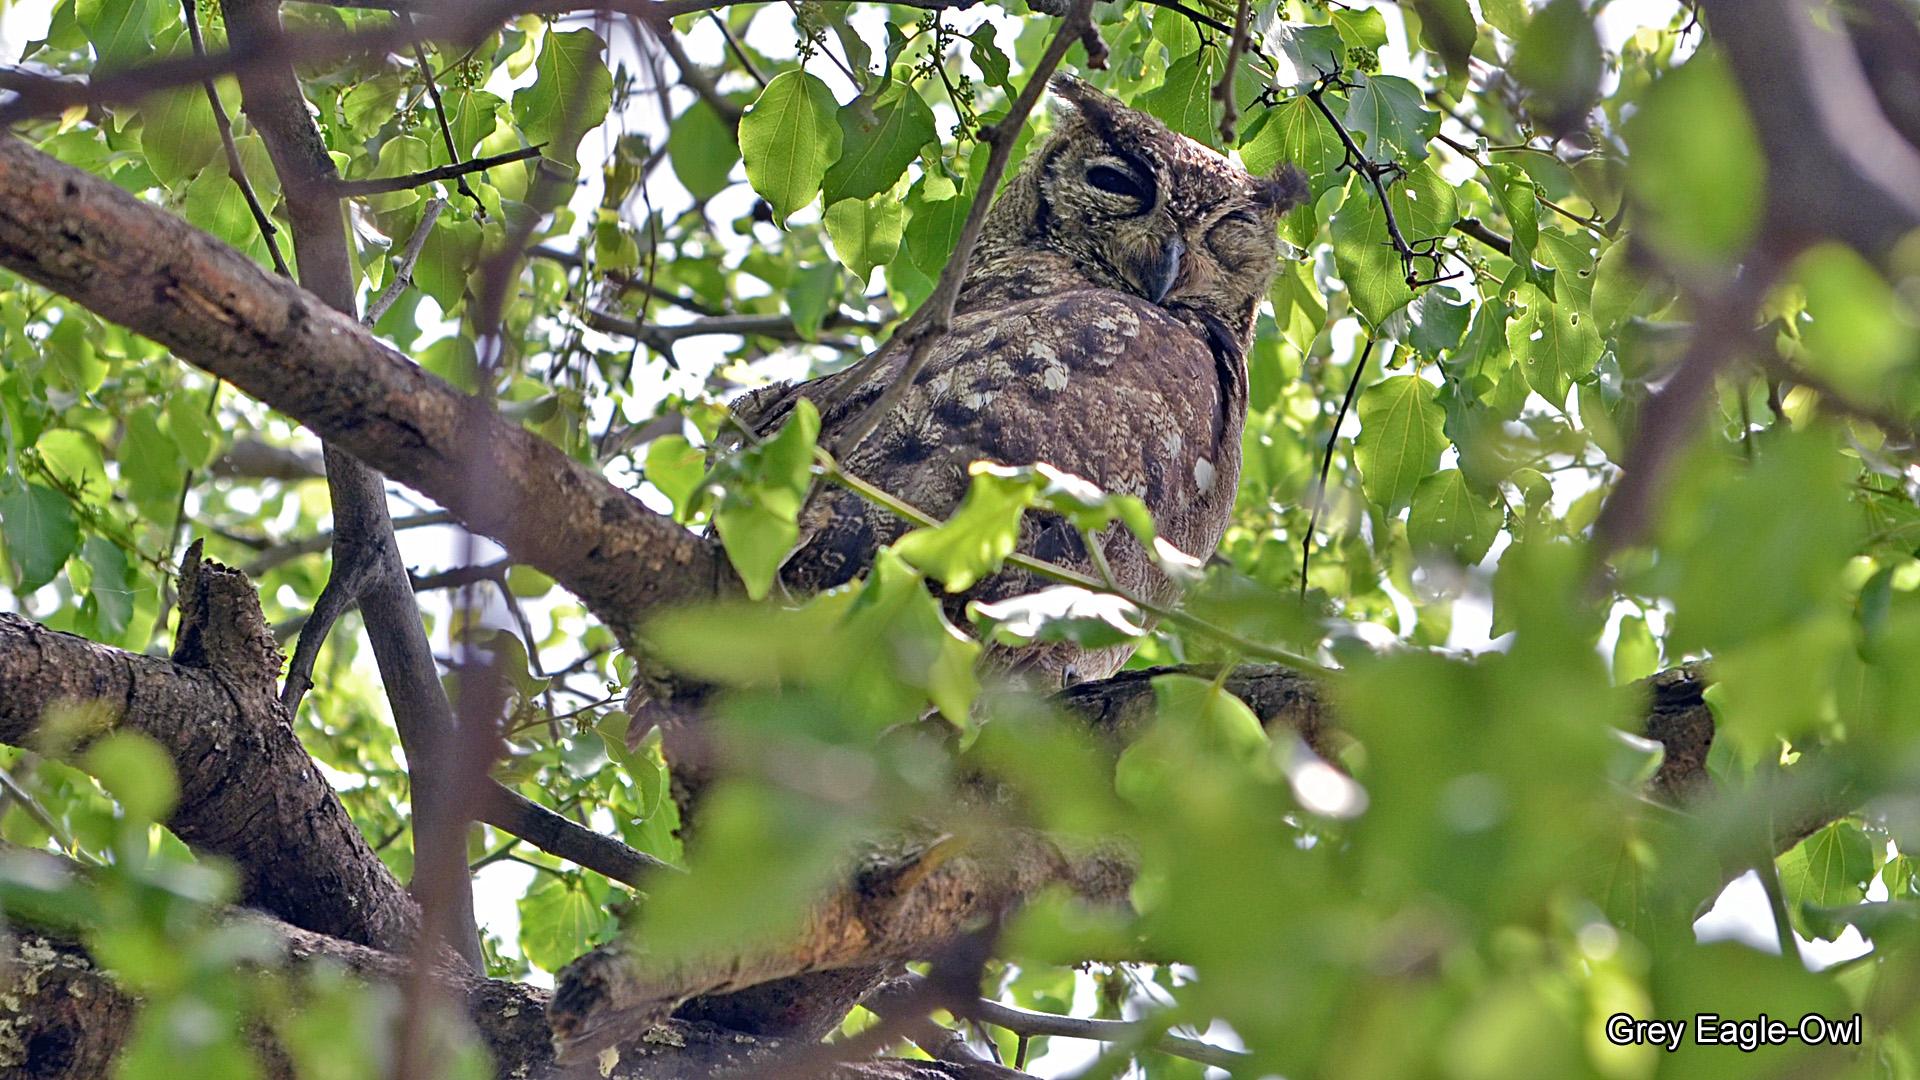 4g, Grey Eagle-Owl